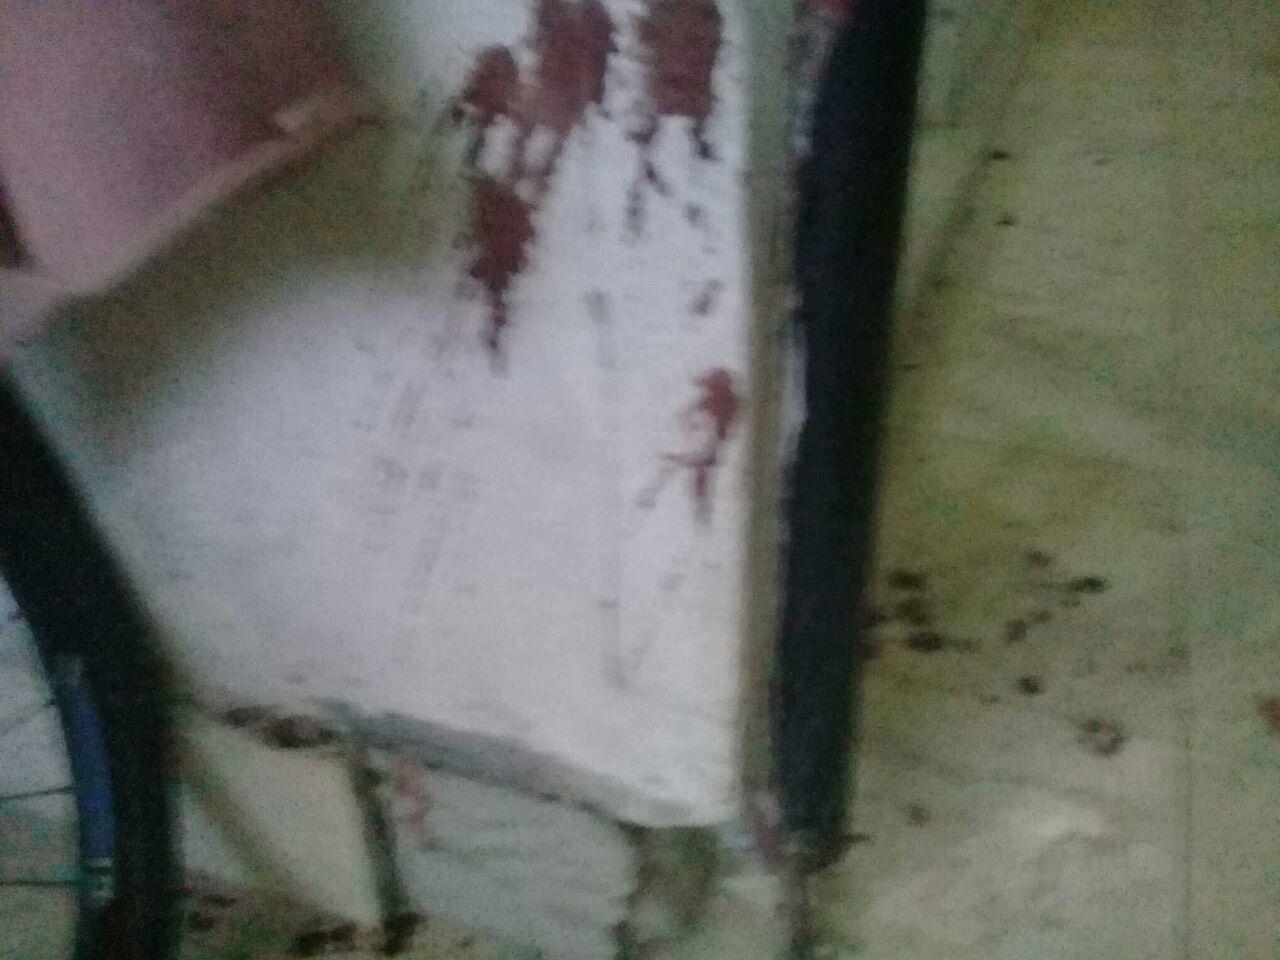 اثار الدماء شاهد على الحادث